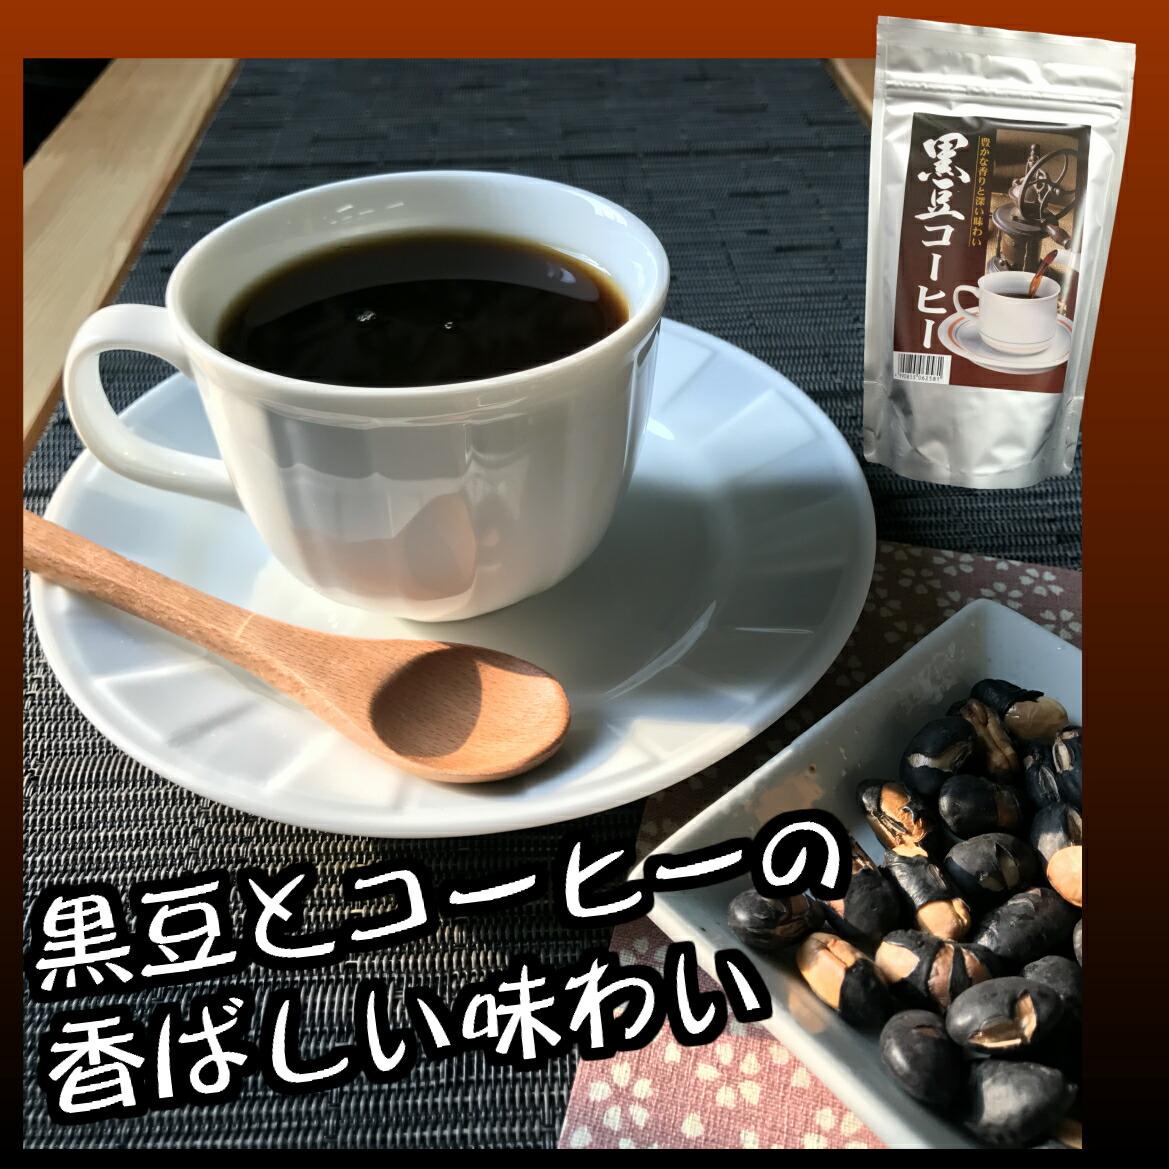 黒豆コーヒー第一画像